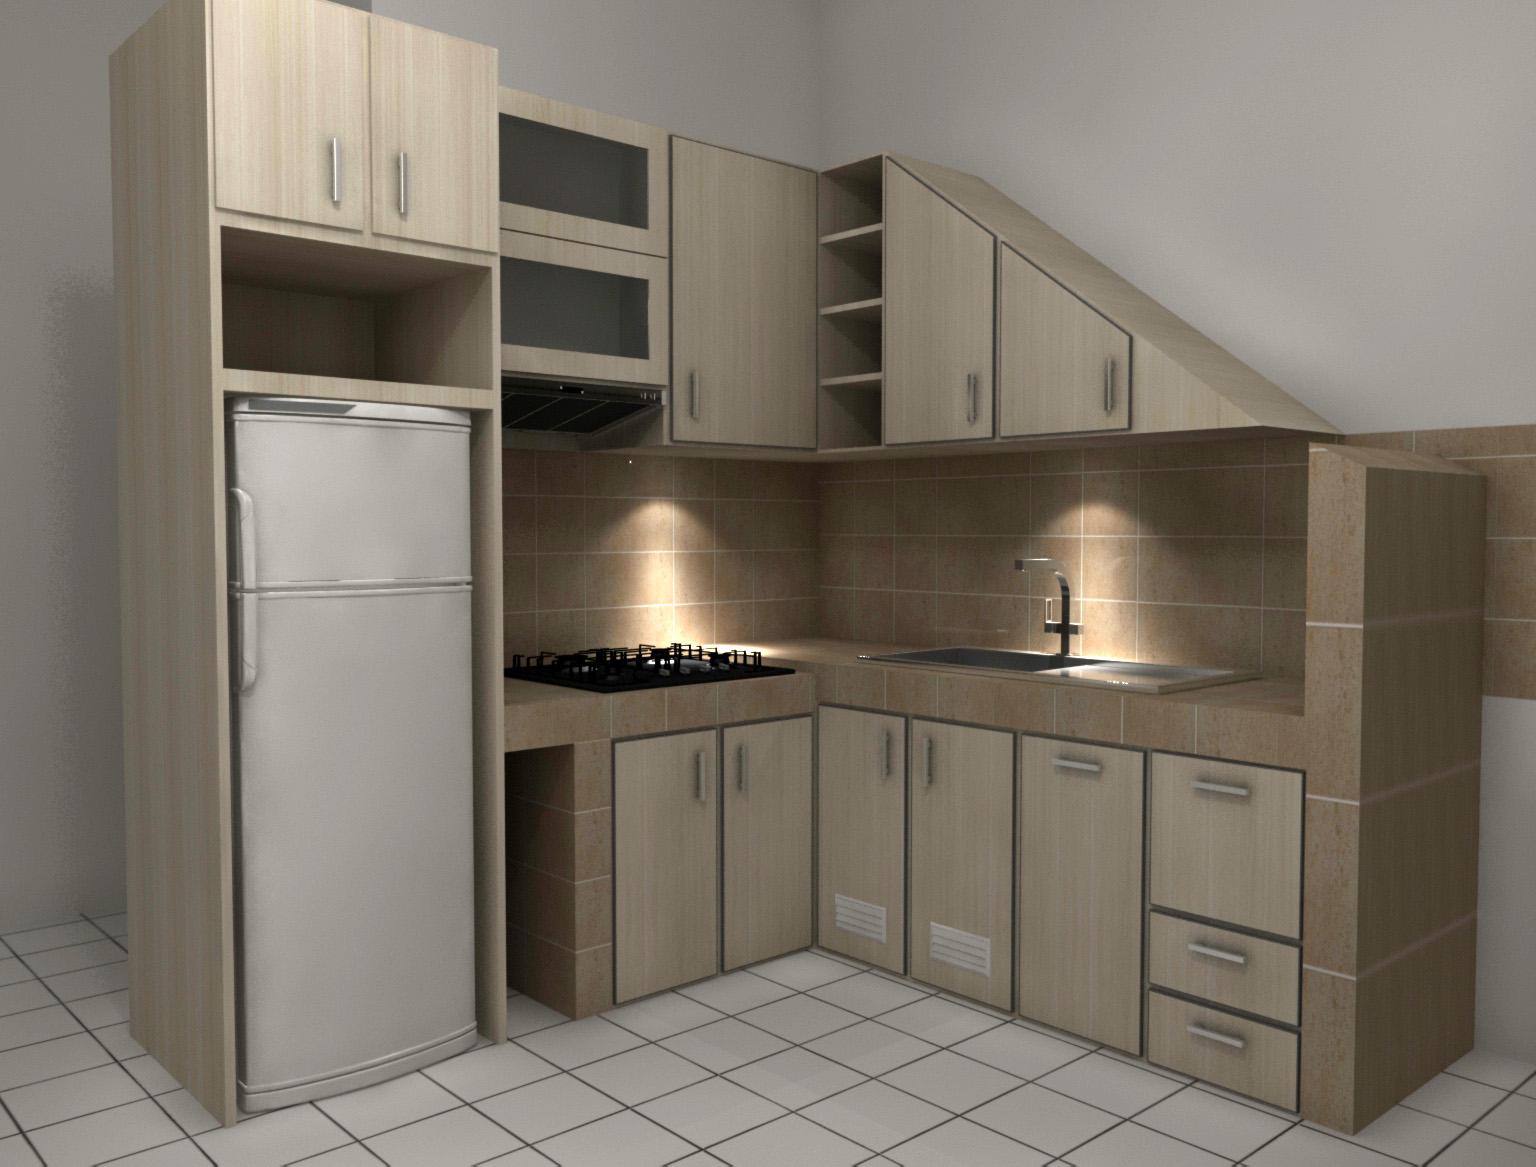 Kitchenset bawah tangga maksimalkan fungsi renovasi for Kitchen set bawah